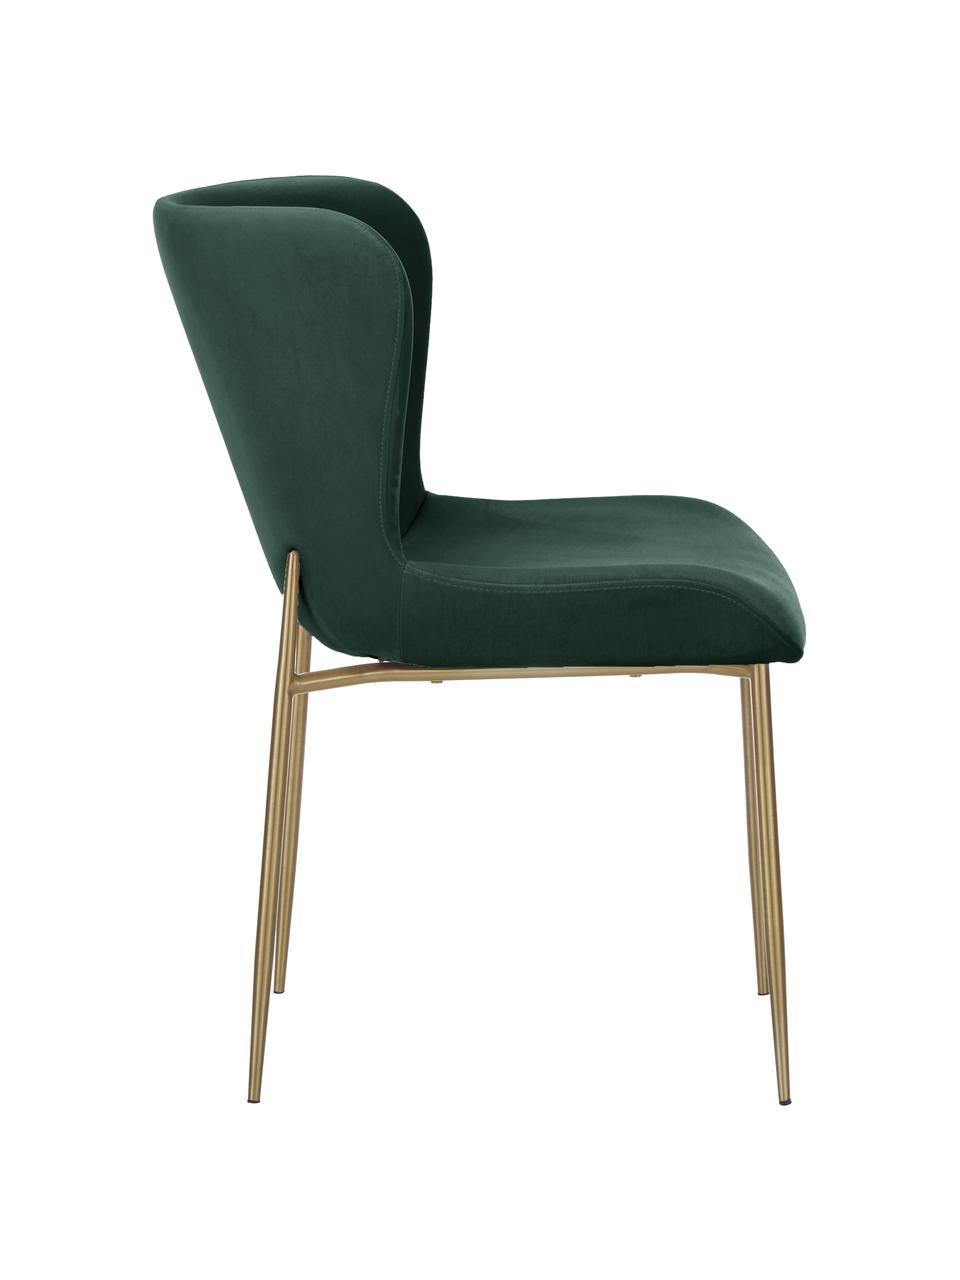 Chaise en velours rembourrée Tess, Velours vert, or